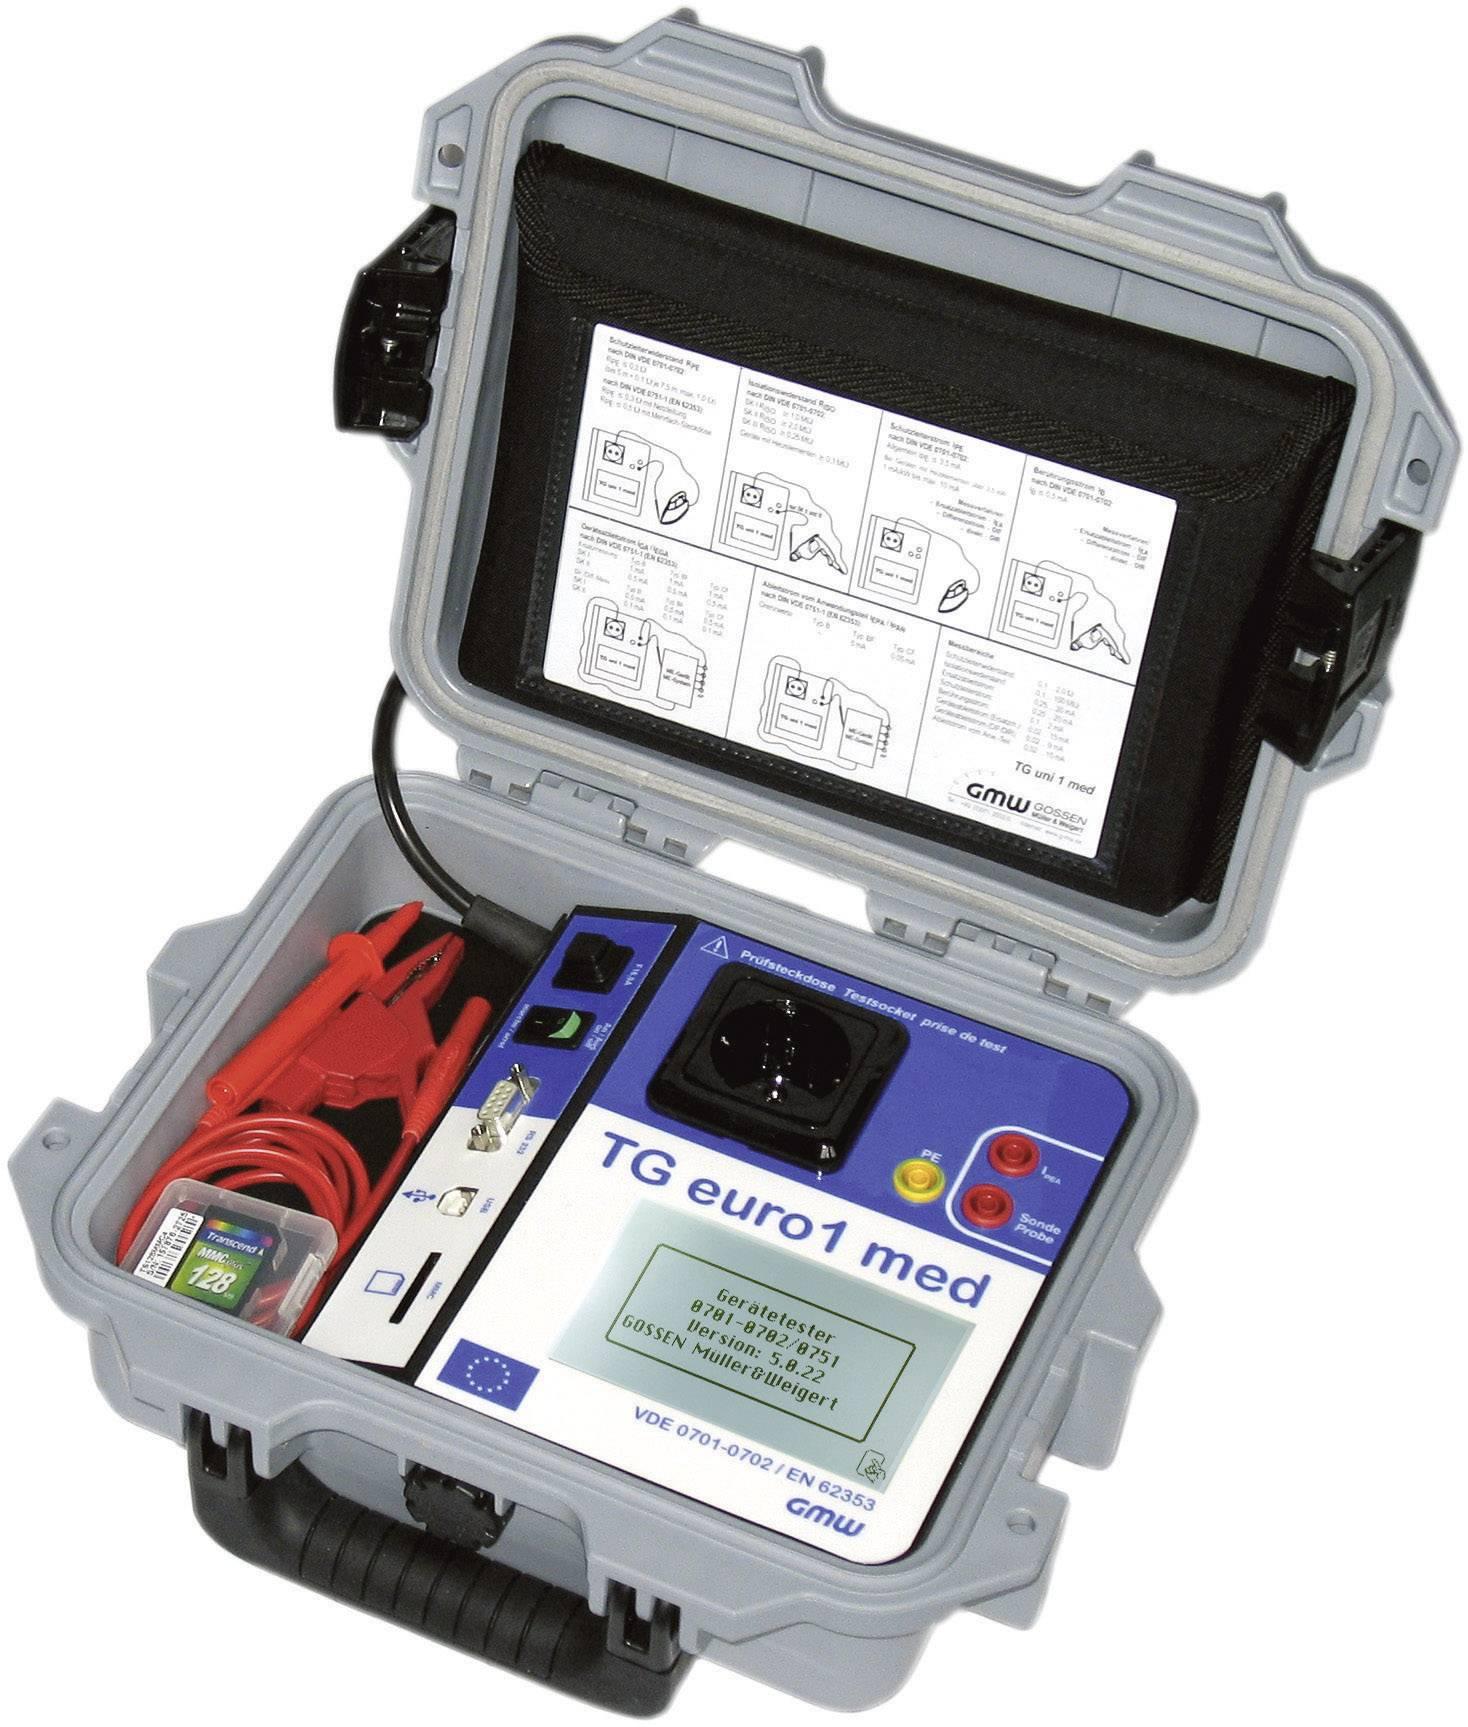 Tester spotřebičů GMW TG euro1 med+, 61000 00611